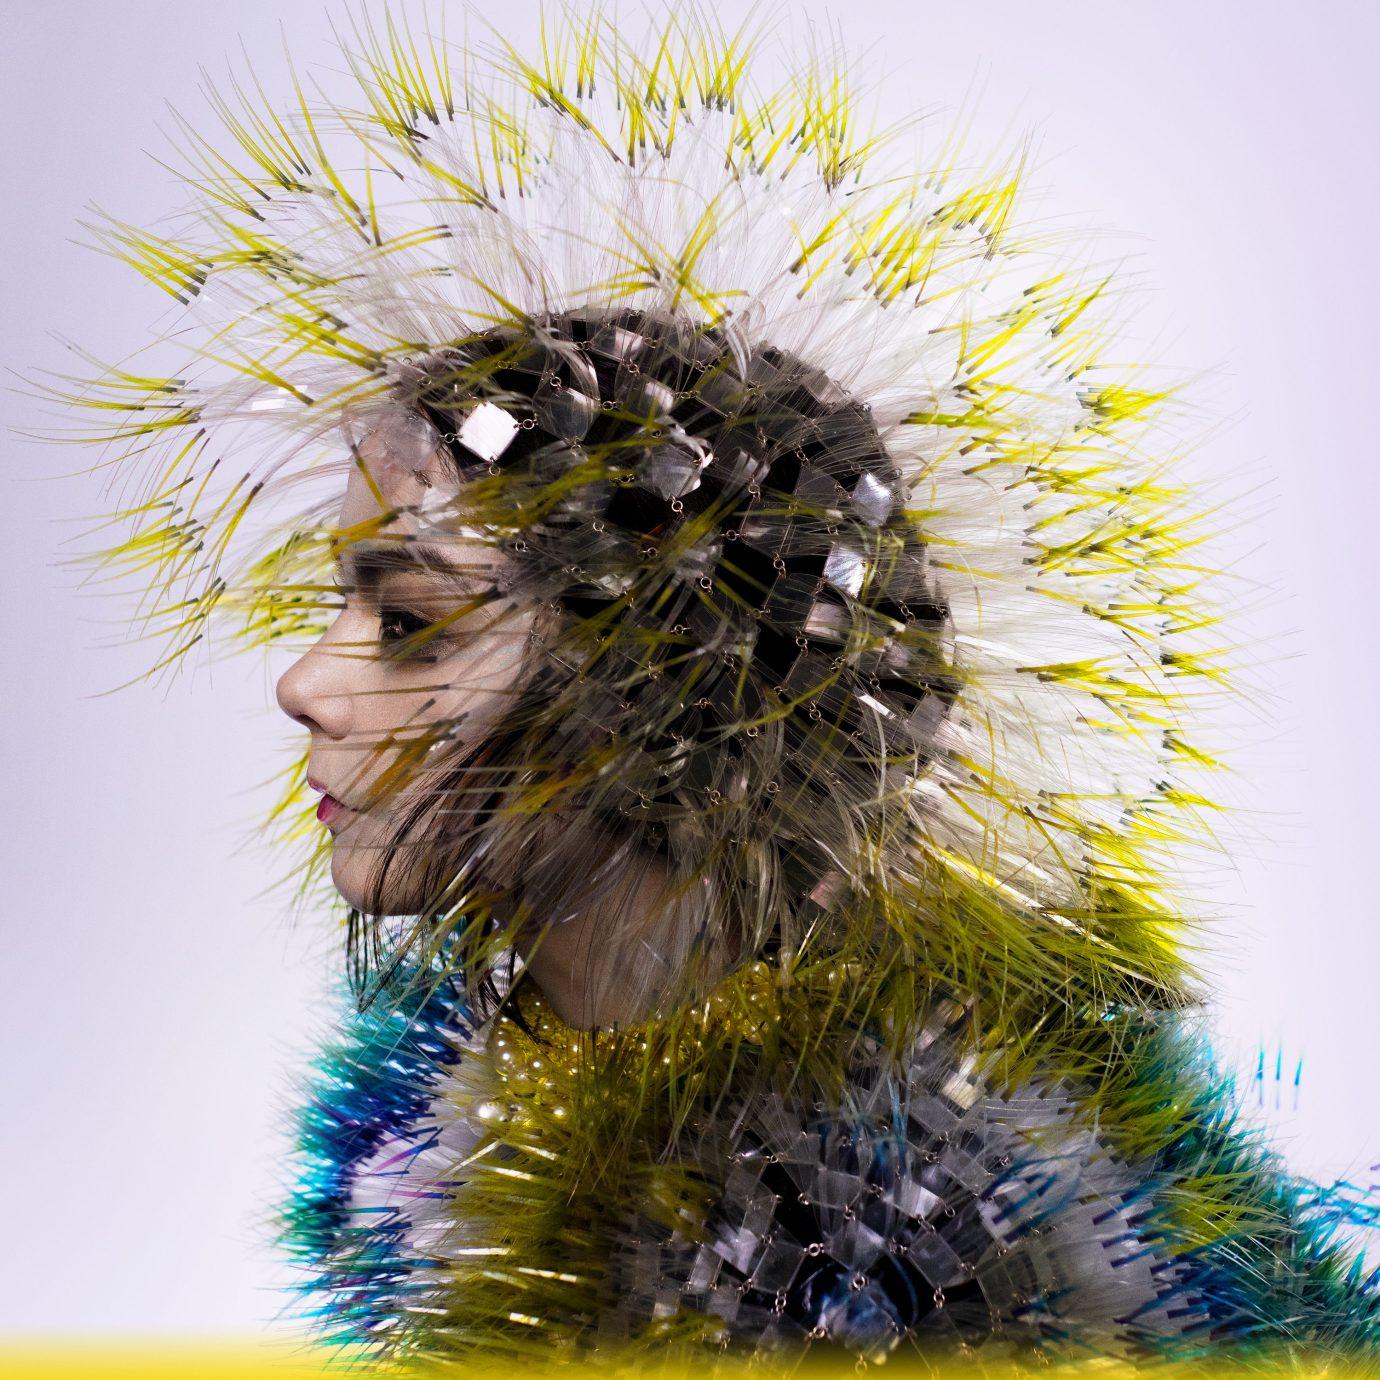 Vulnicura-photoshoot-by-Inez-and-Vinoodh-05-bjork-38529359-3000-3000